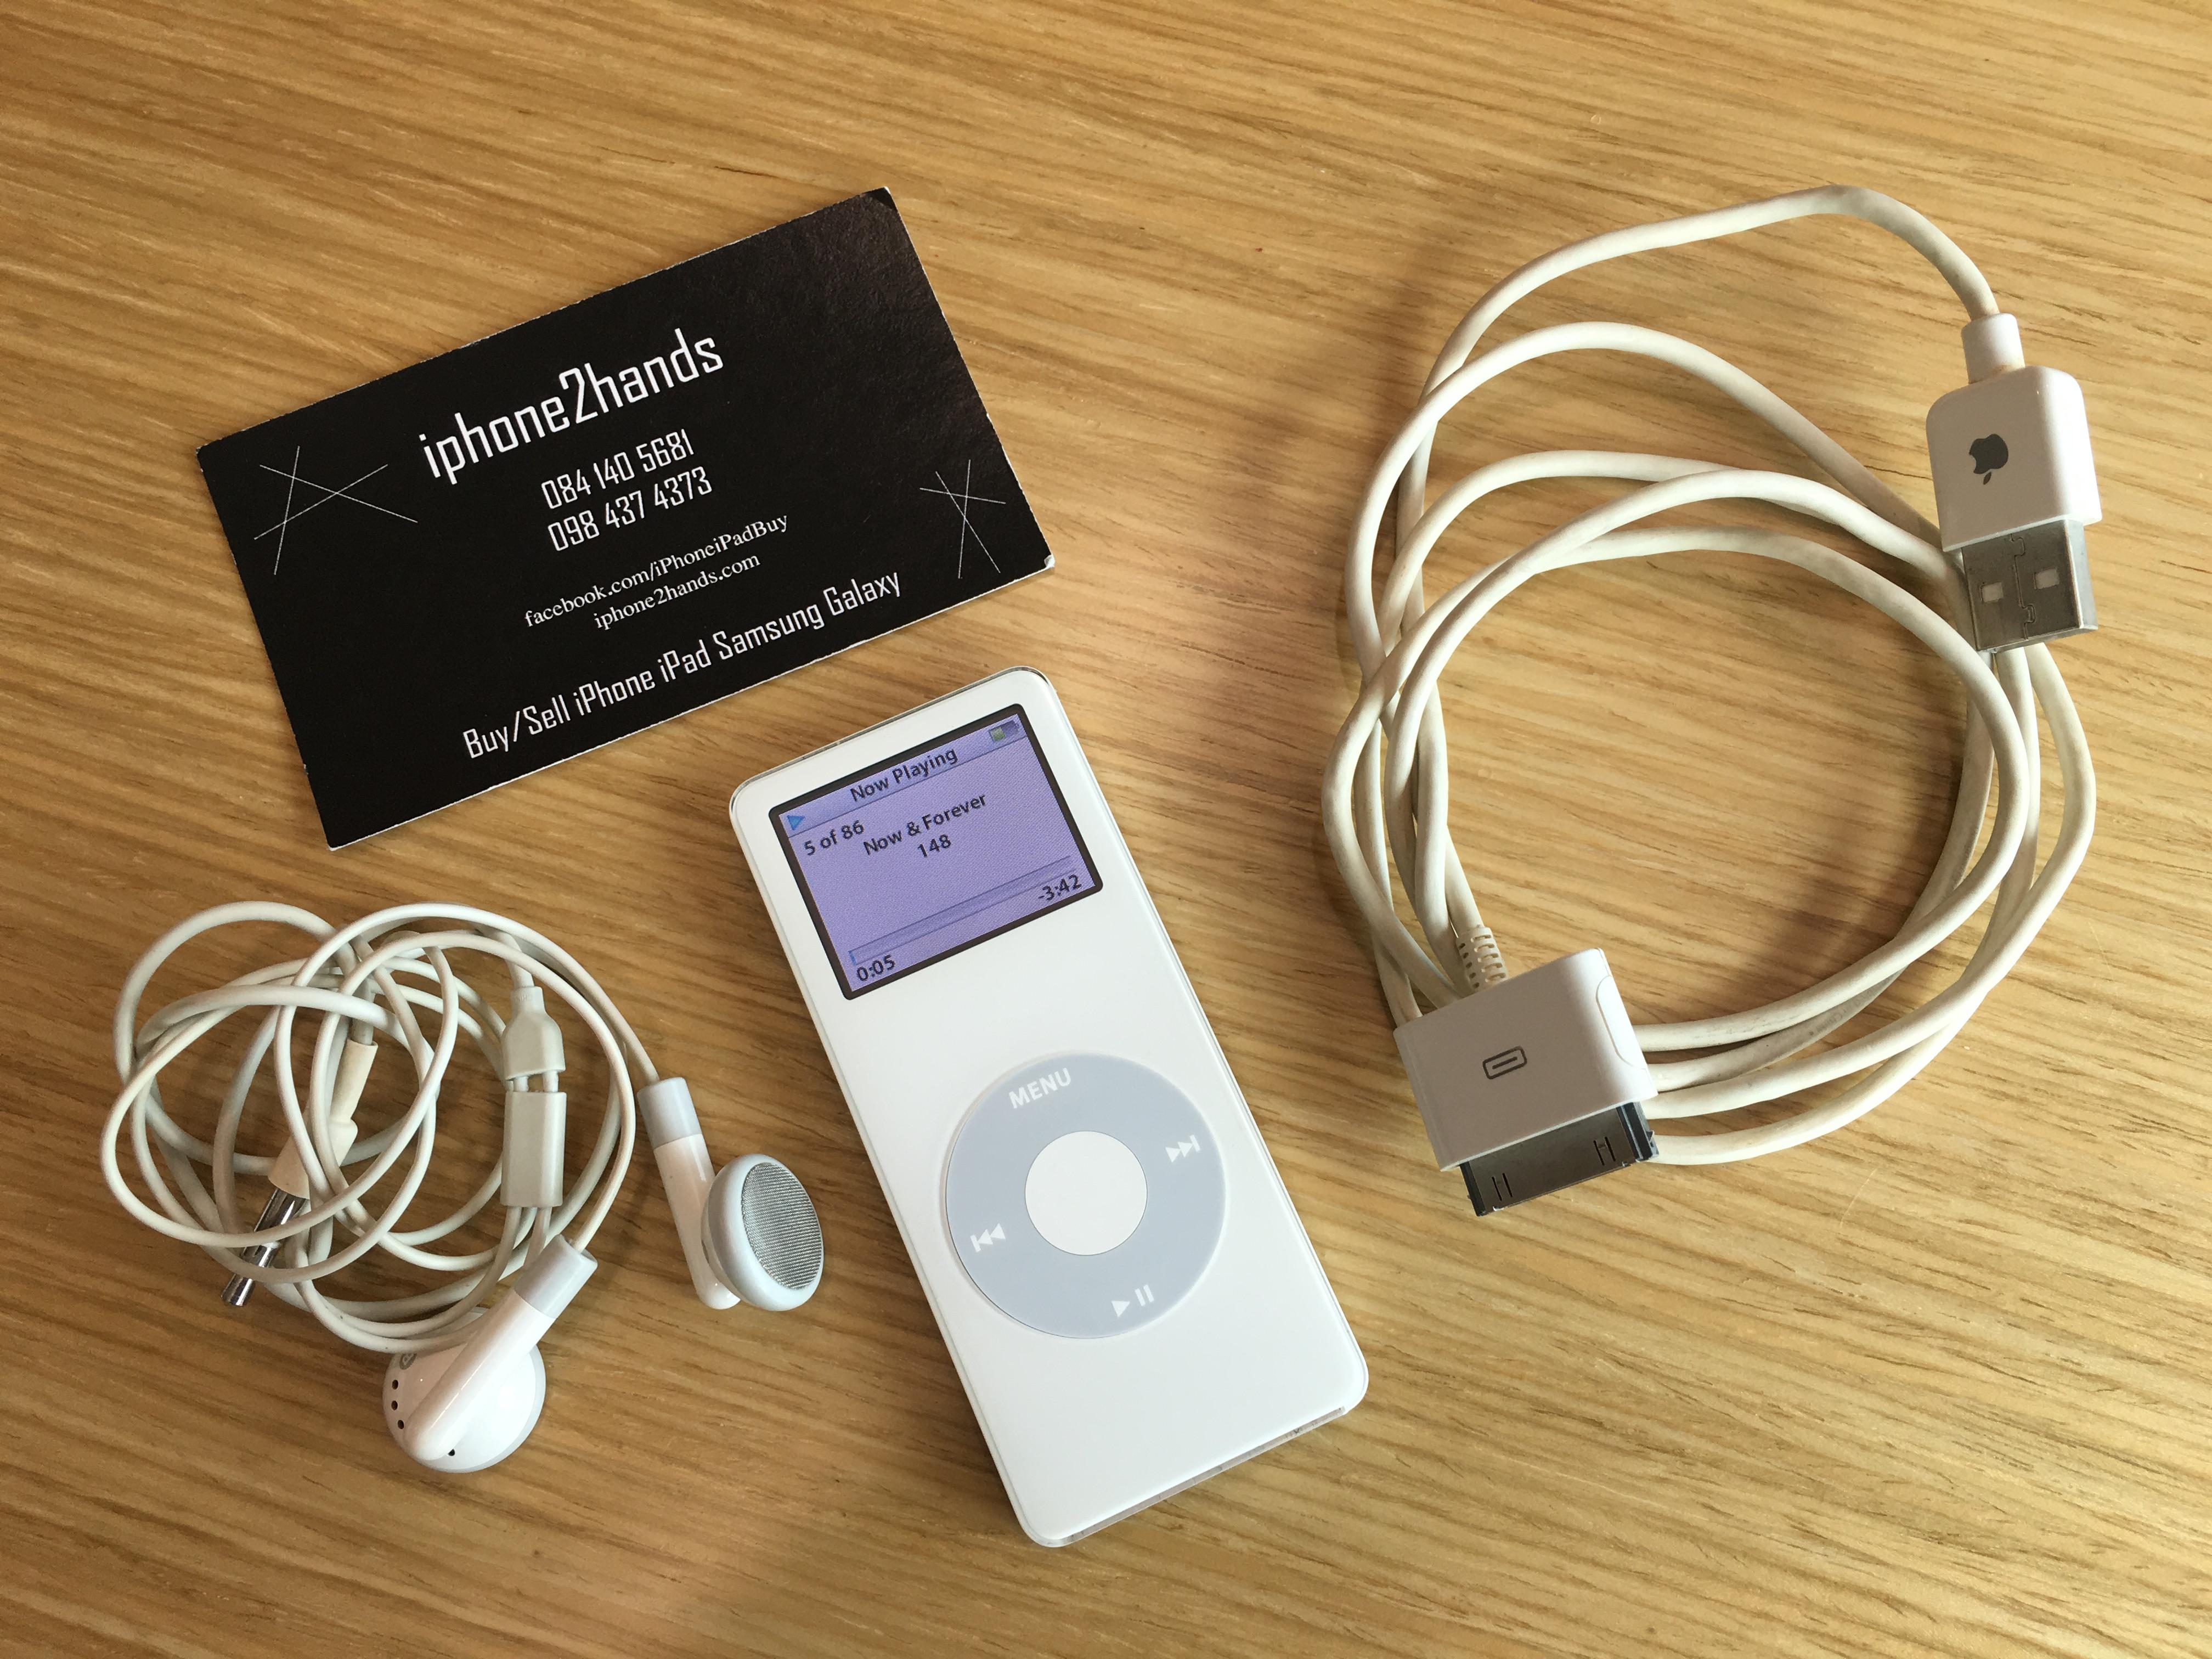 ขาย iPod Nano gen1 2gb สีขาว มือสอง ราคาถูก